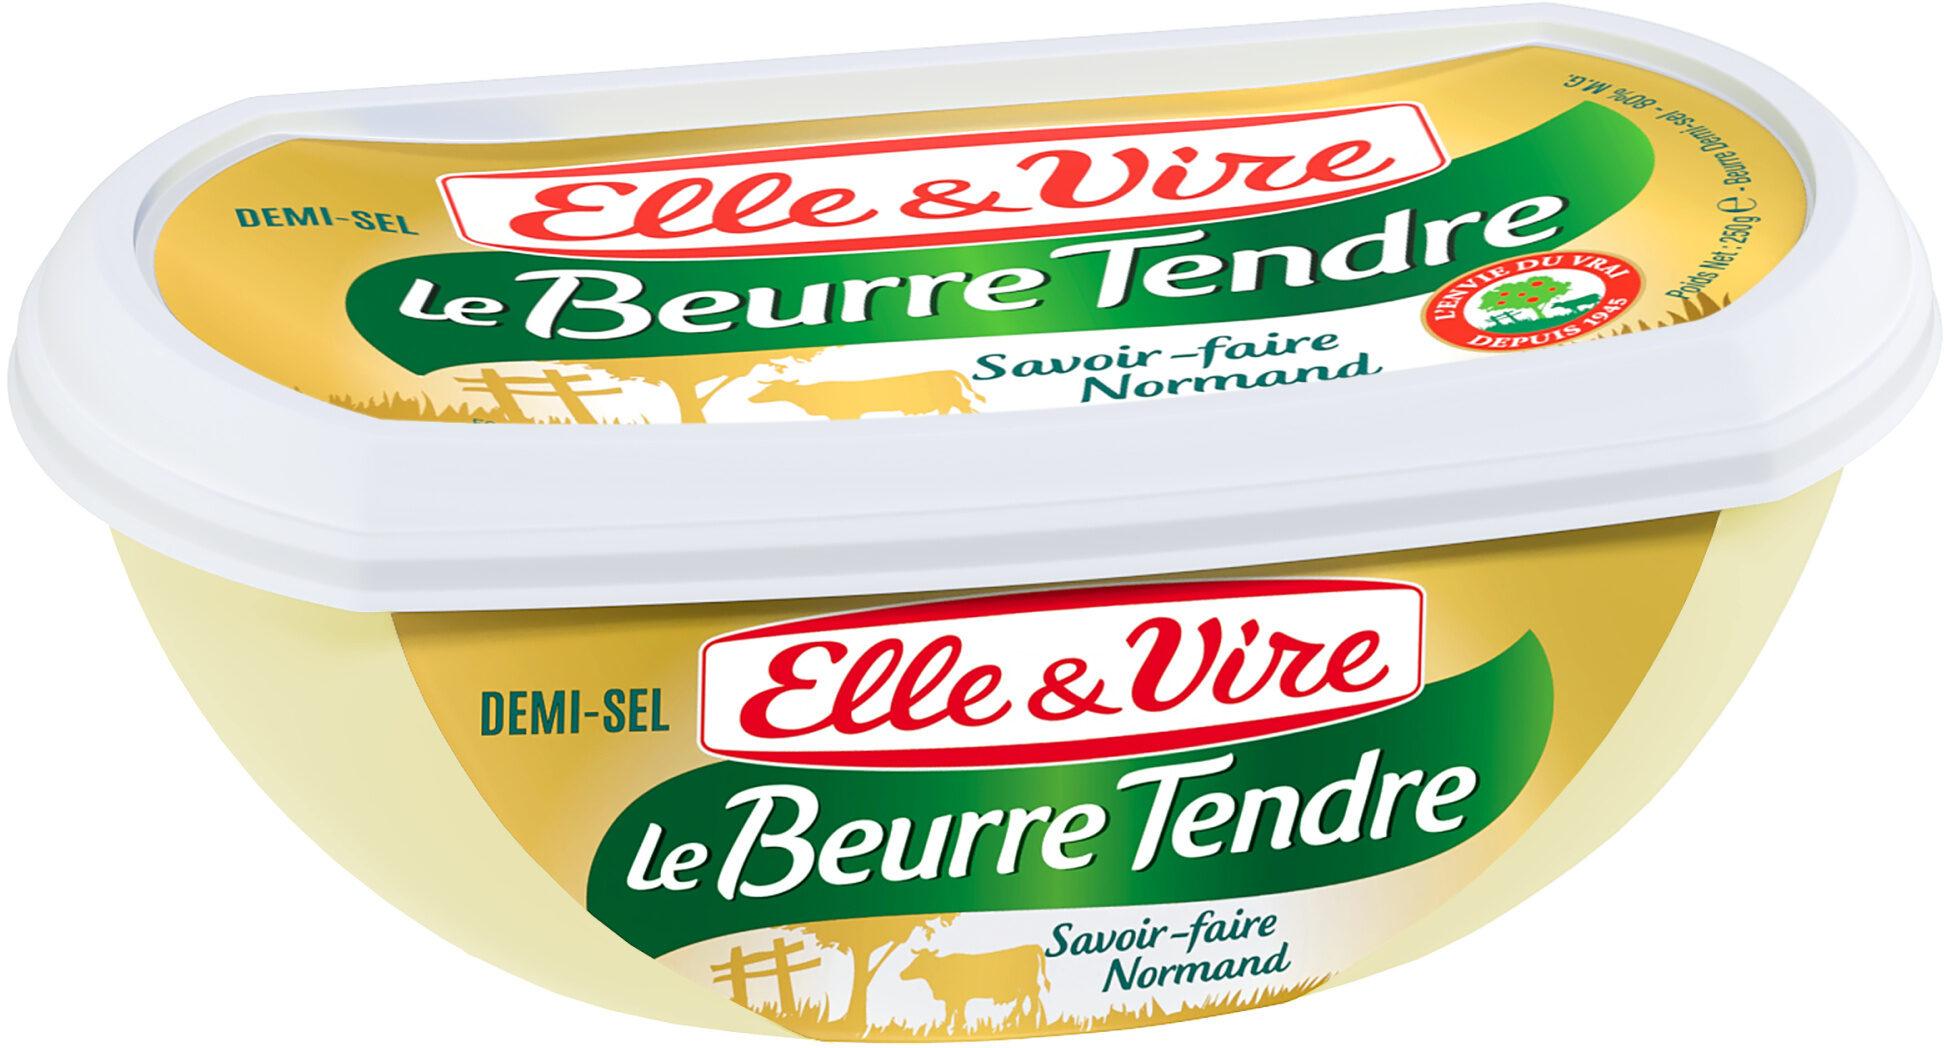 Le Beurre Tendre barquette demi-sel - Prodotto - fr